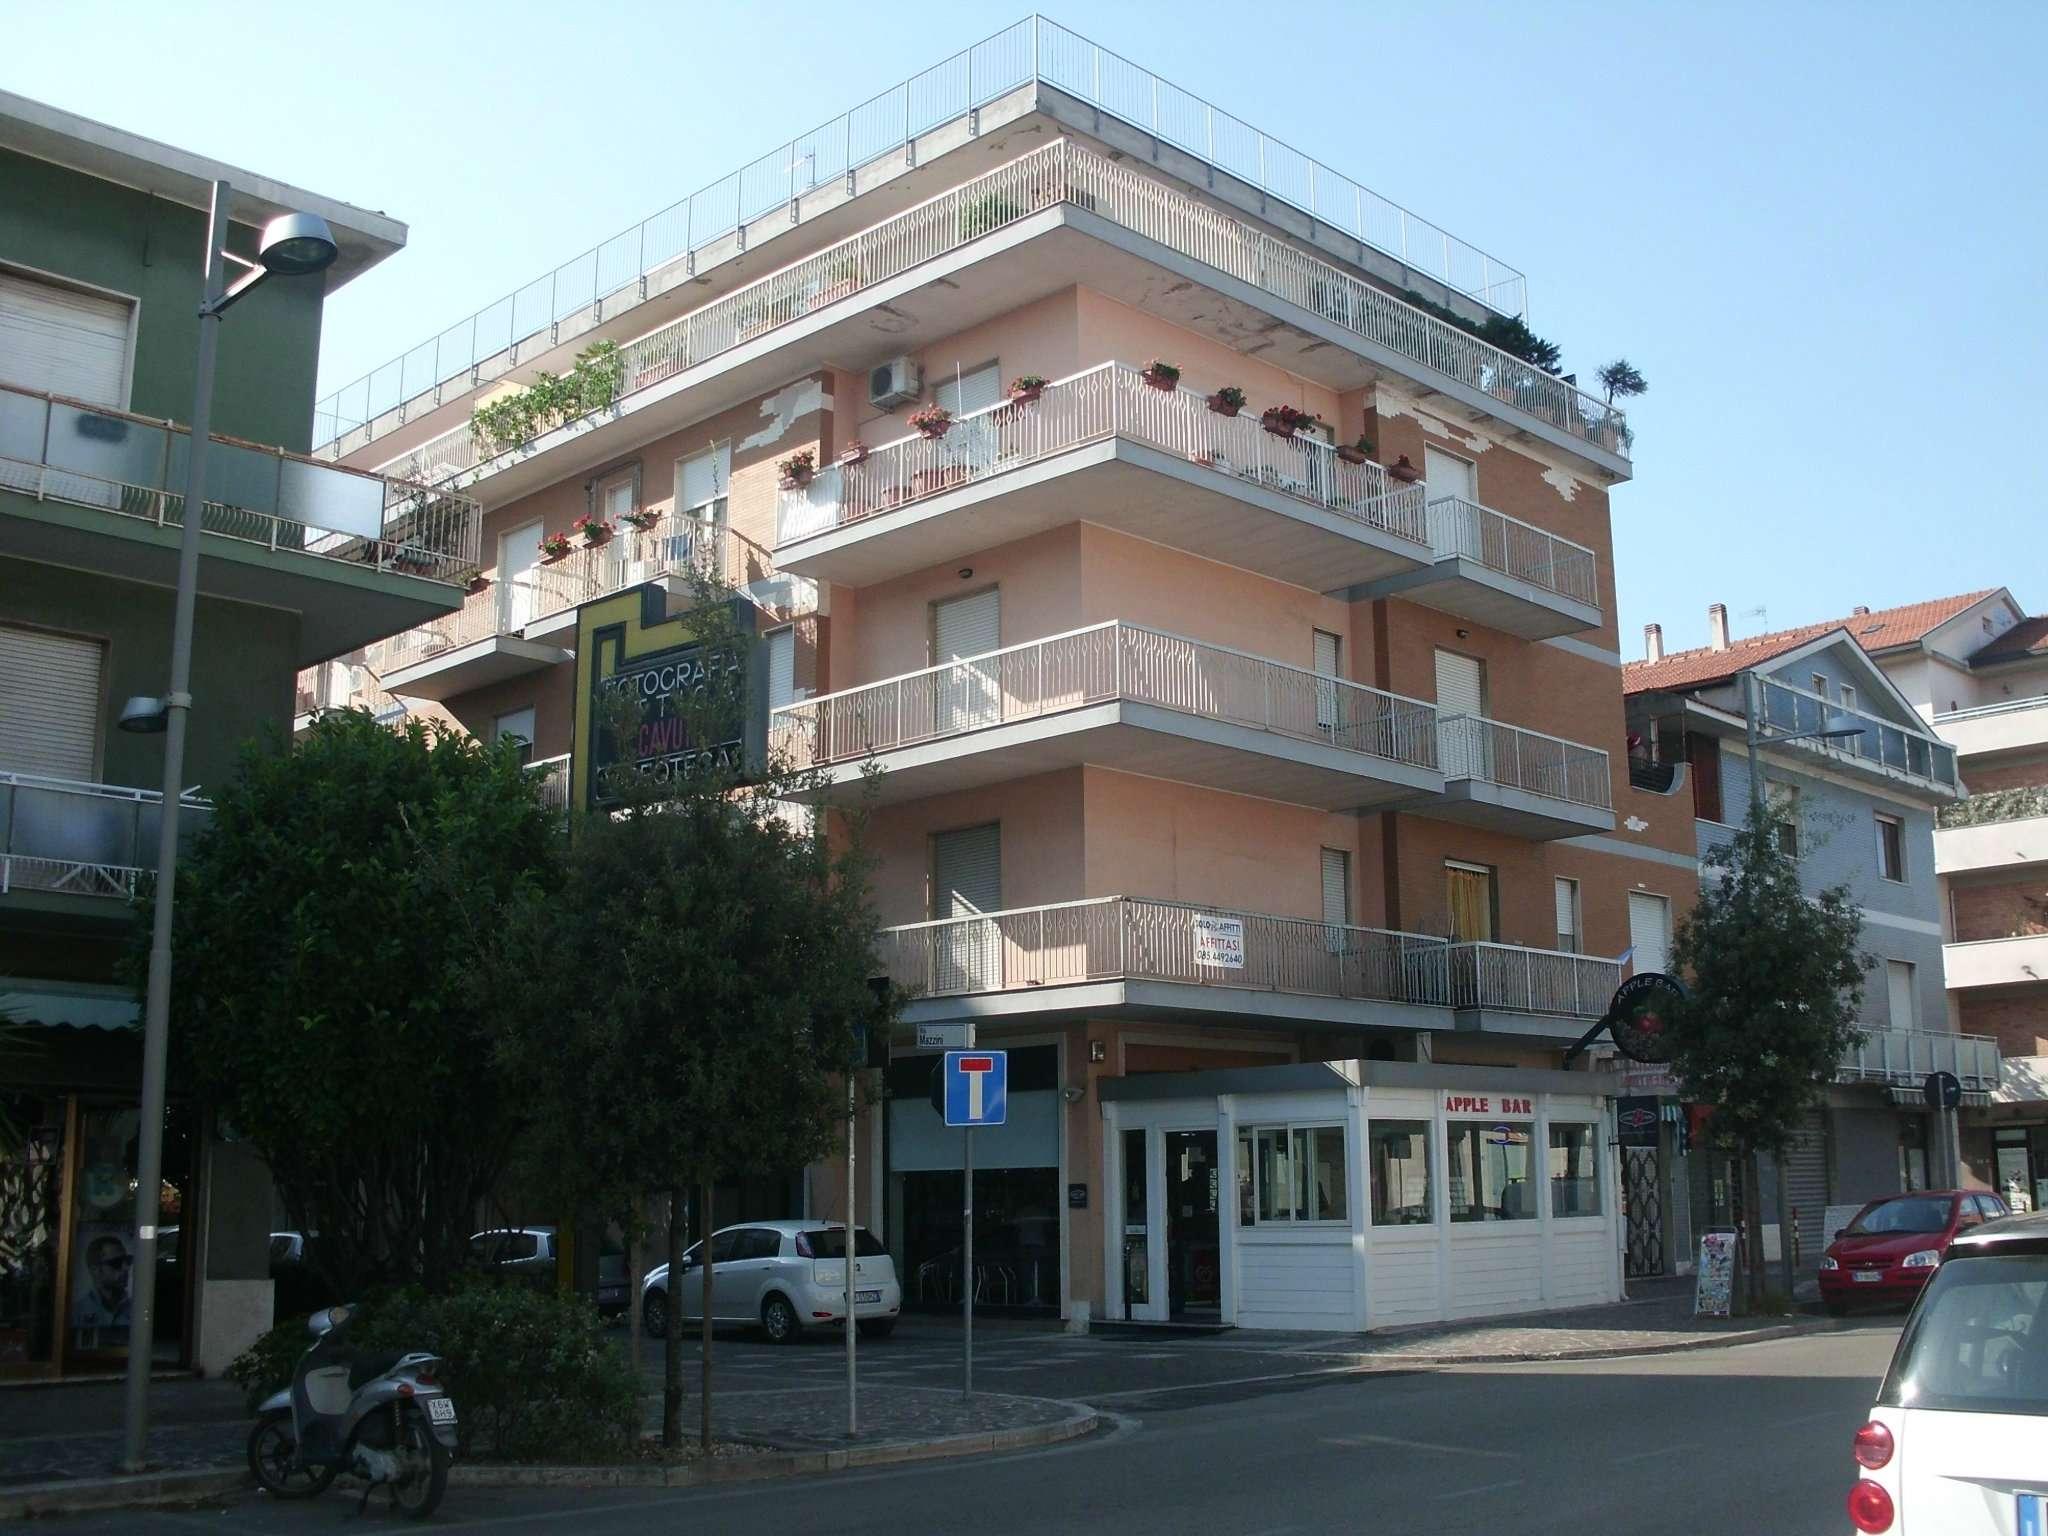 Ufficio / Studio in affitto a Montesilvano, 3 locali, prezzo € 500 | CambioCasa.it